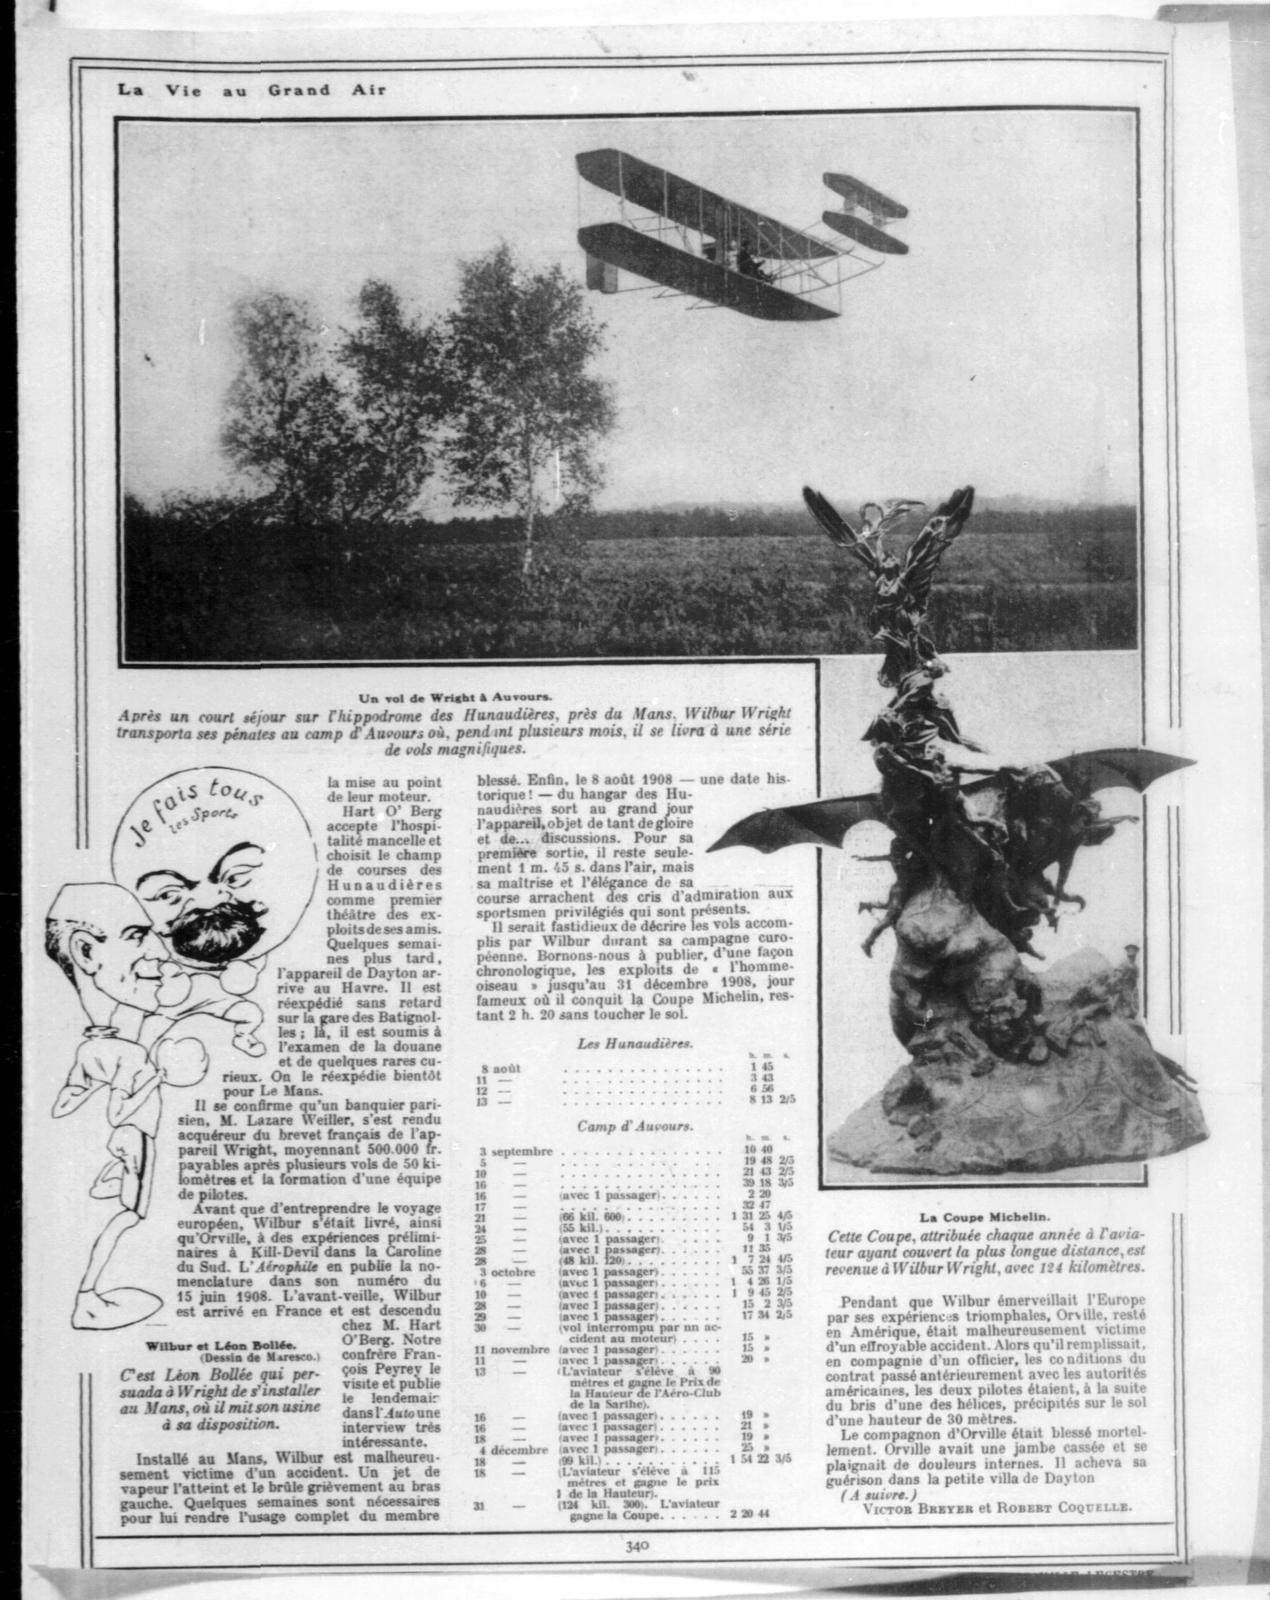 La Vie et les Inventions des Fréres Wright [Victor Breyer and Robert Coquelle, La Vie au Grand Air, 22 May 1909]